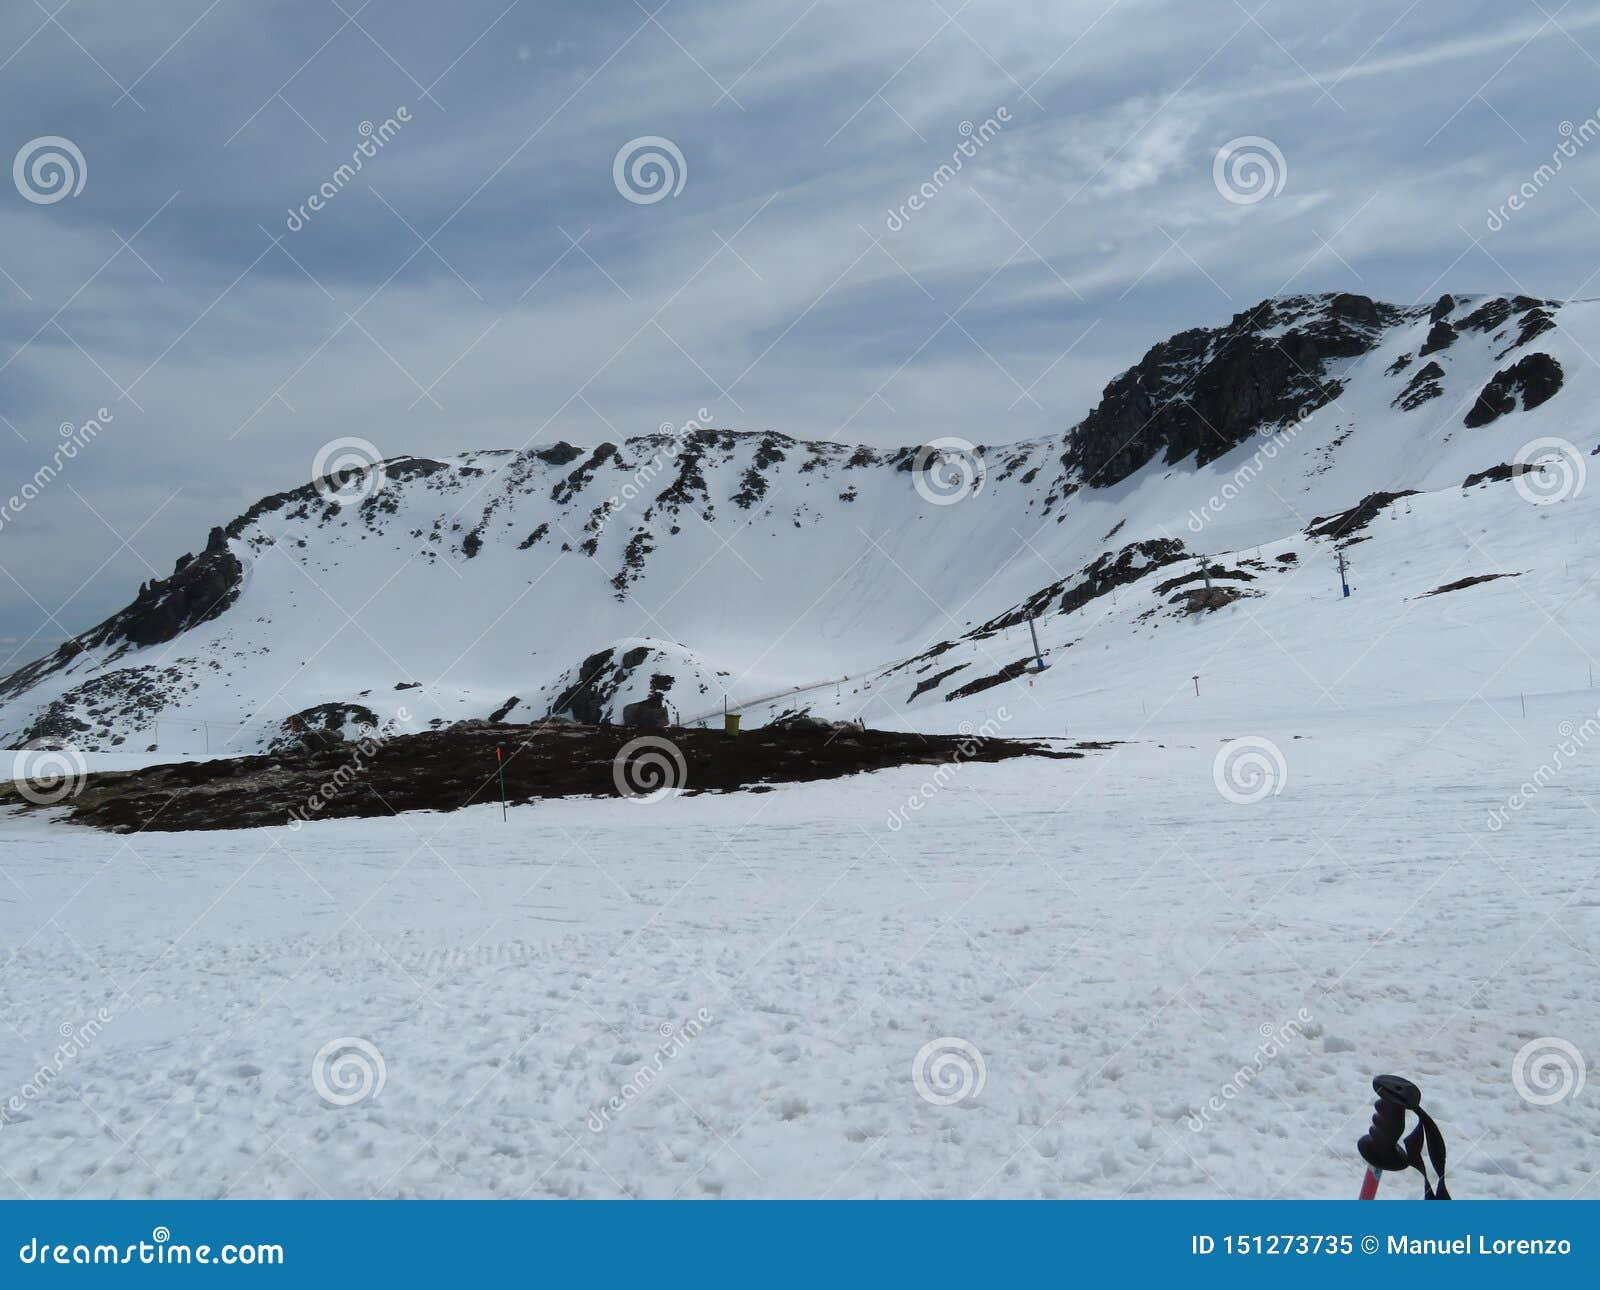 Schöner Schnee auf den Bergen einer unglaublichen Farbe und sehr kalt